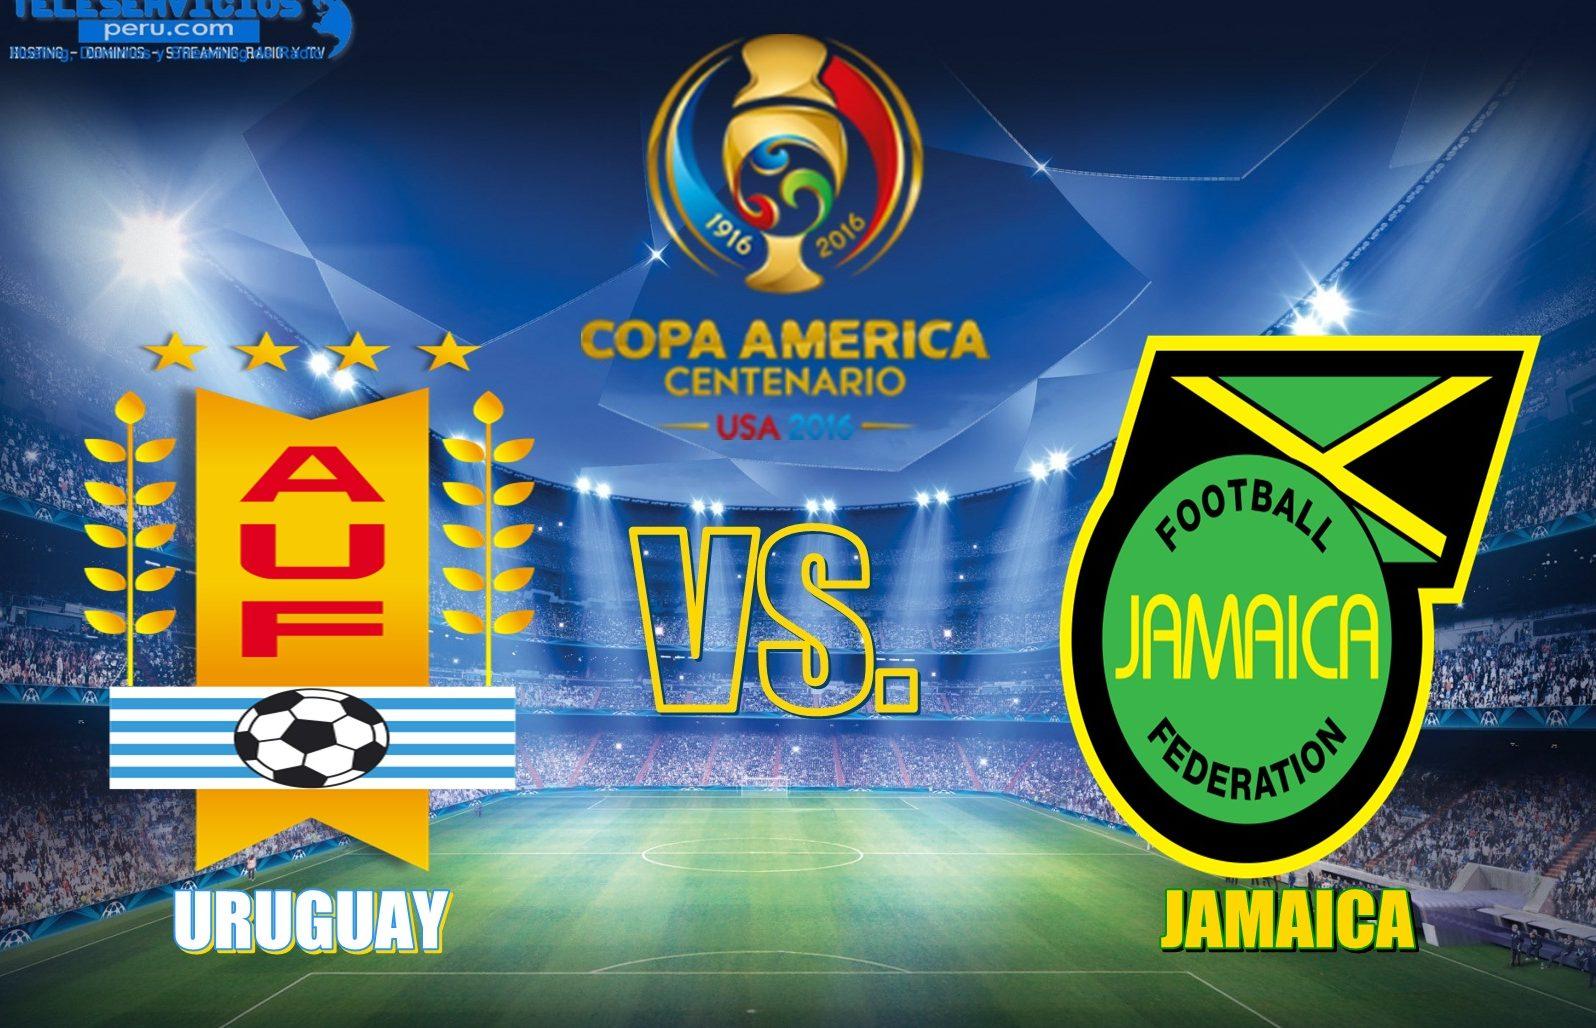 Уругвай - Ямайка кубок америки 2016